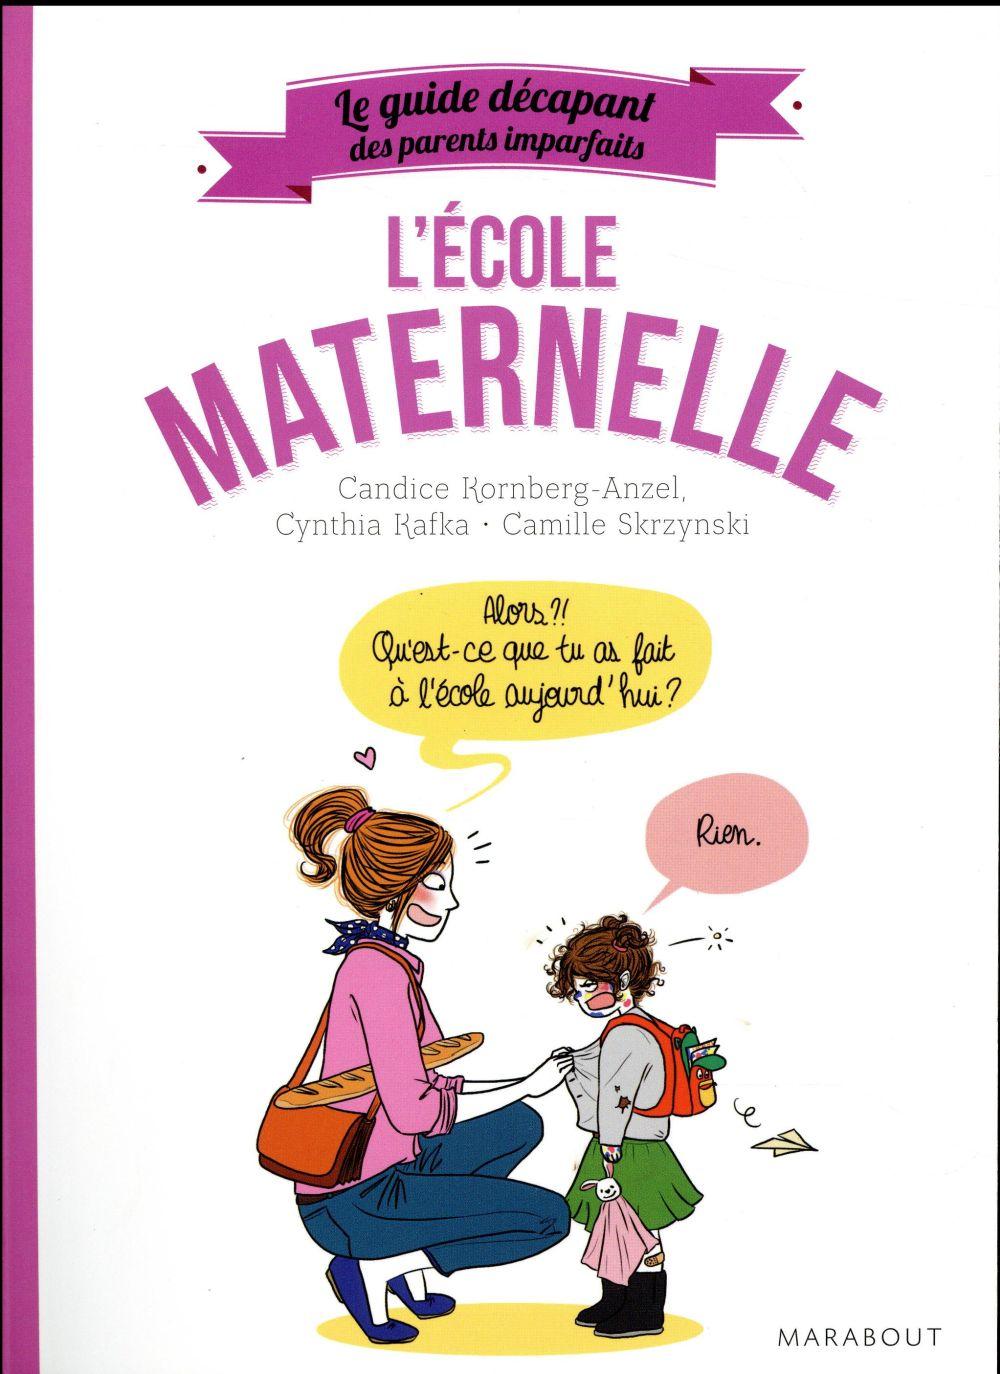 GUIDE DES PARENTS IMPARFAITS : A LA MATERNELLE Kafka Cynthia Marabout